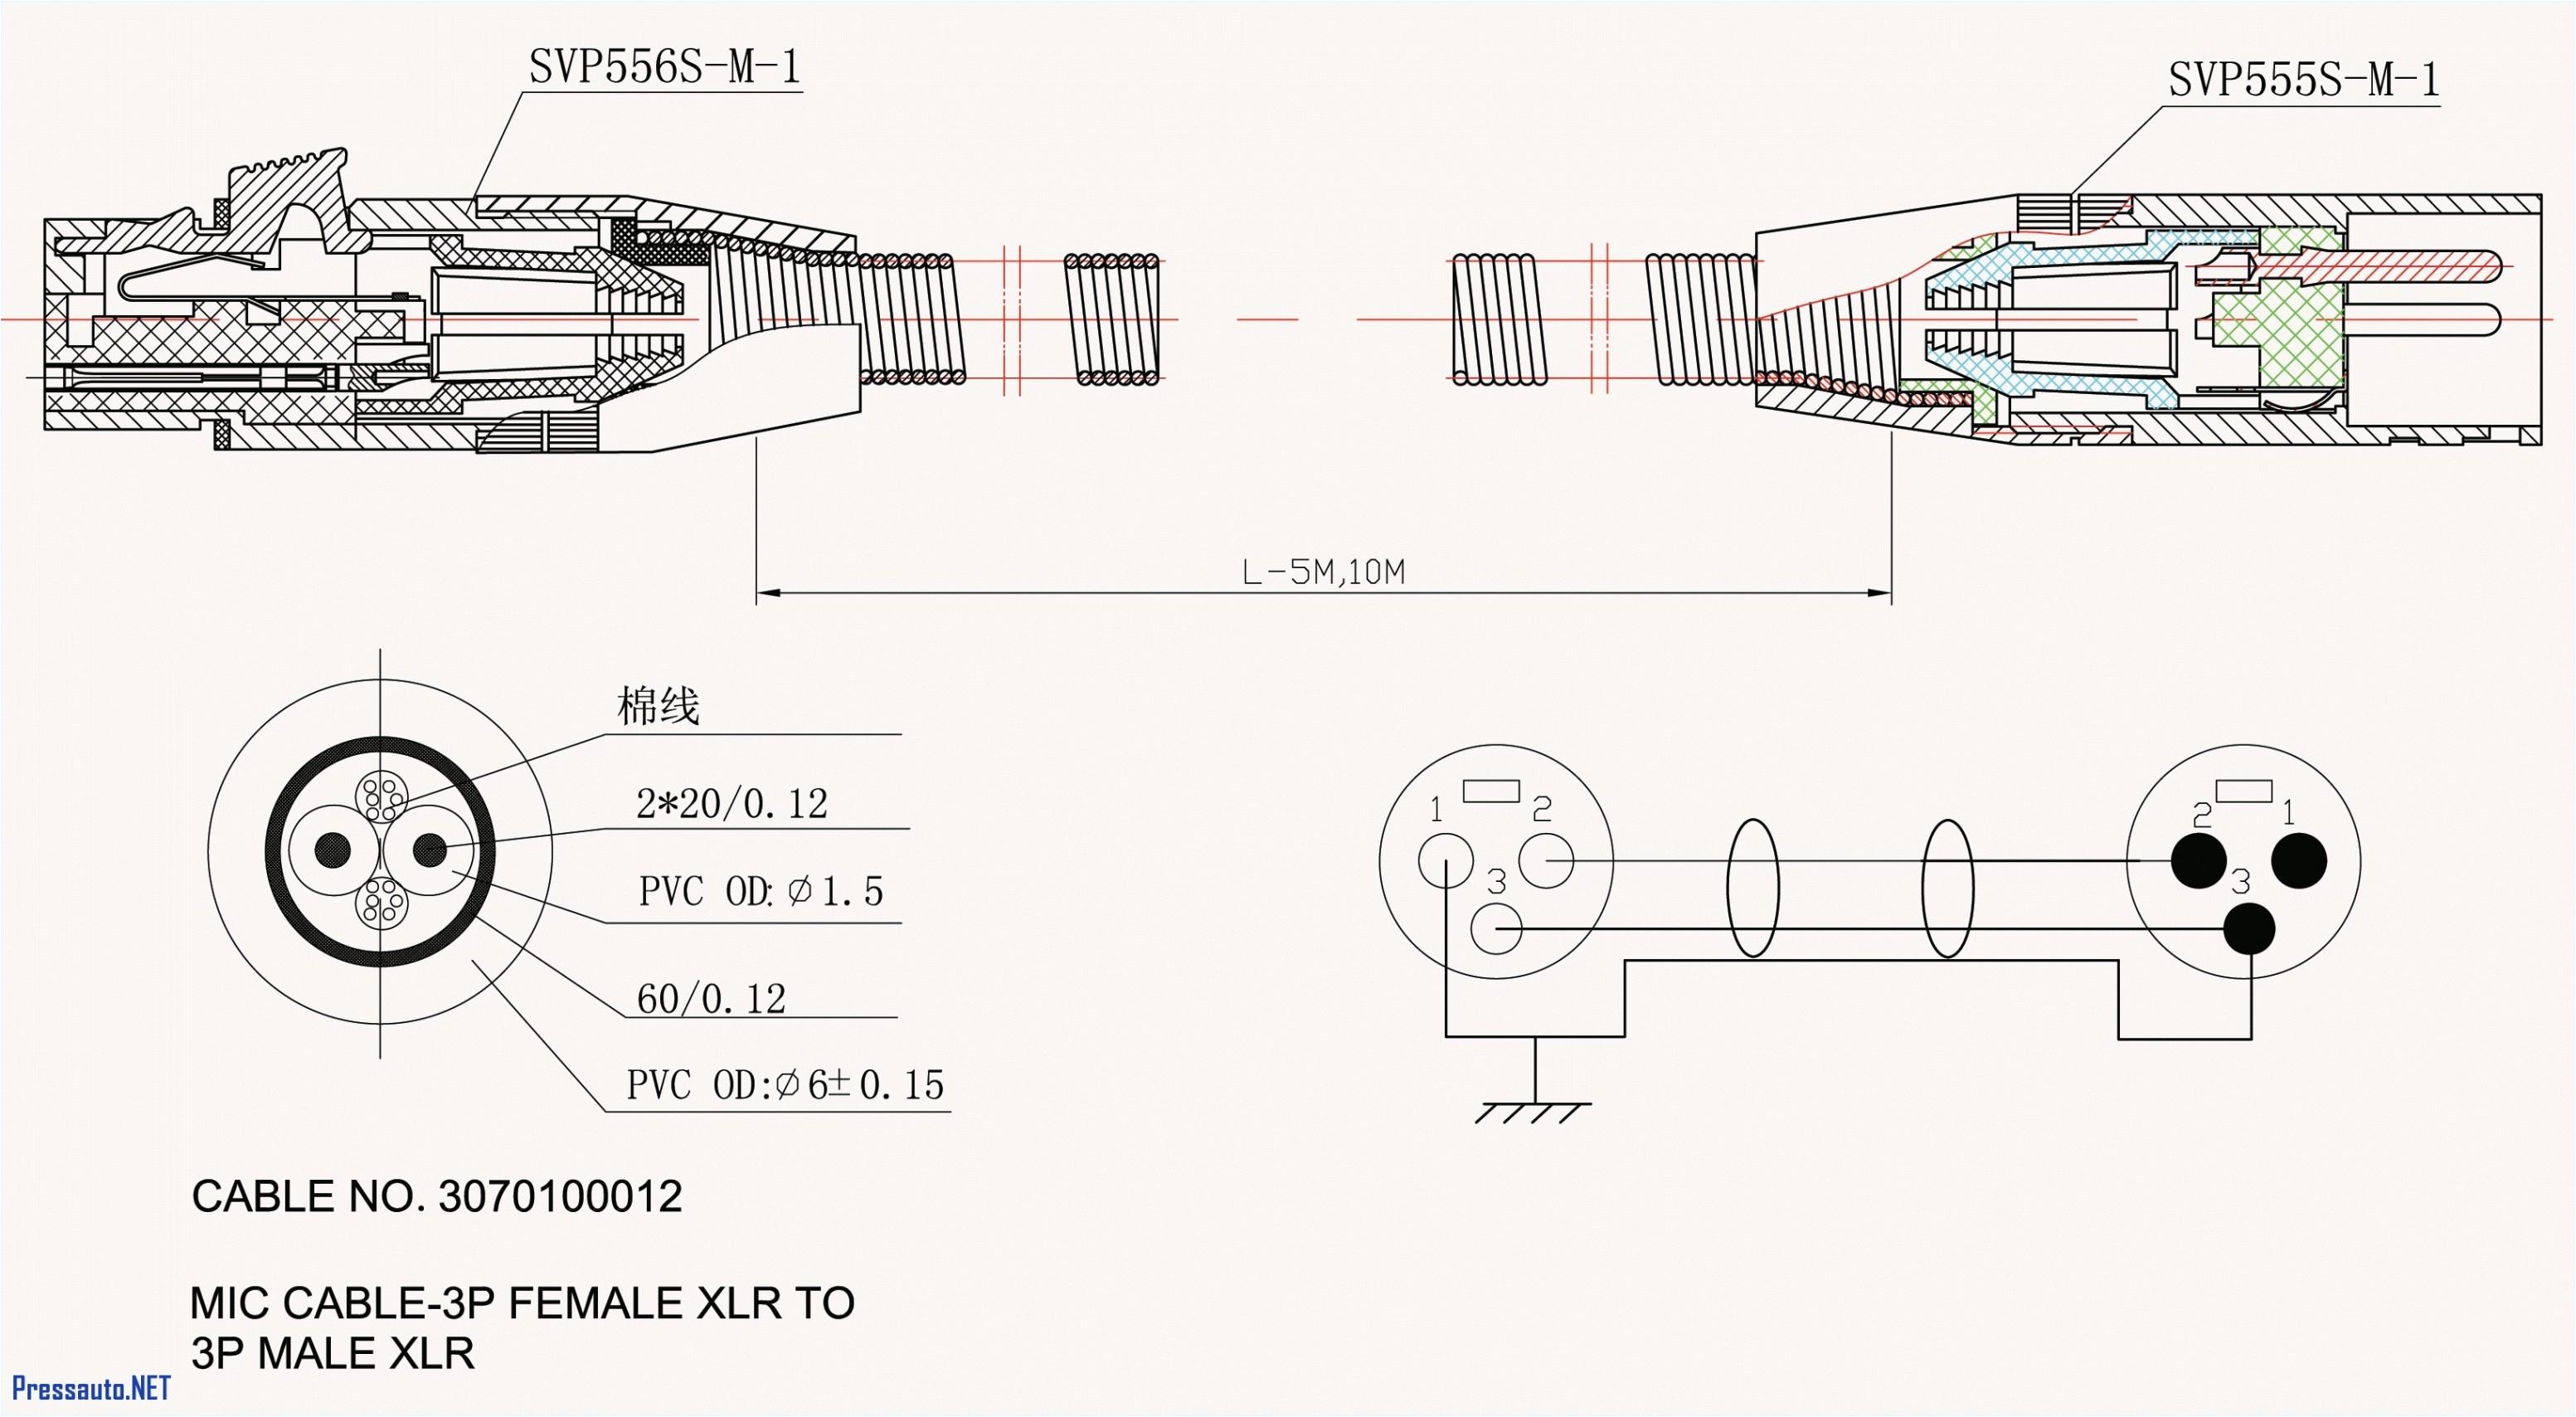 avi to rca wiring diagram wiring diagram centeravi to rca wiring diagram 17